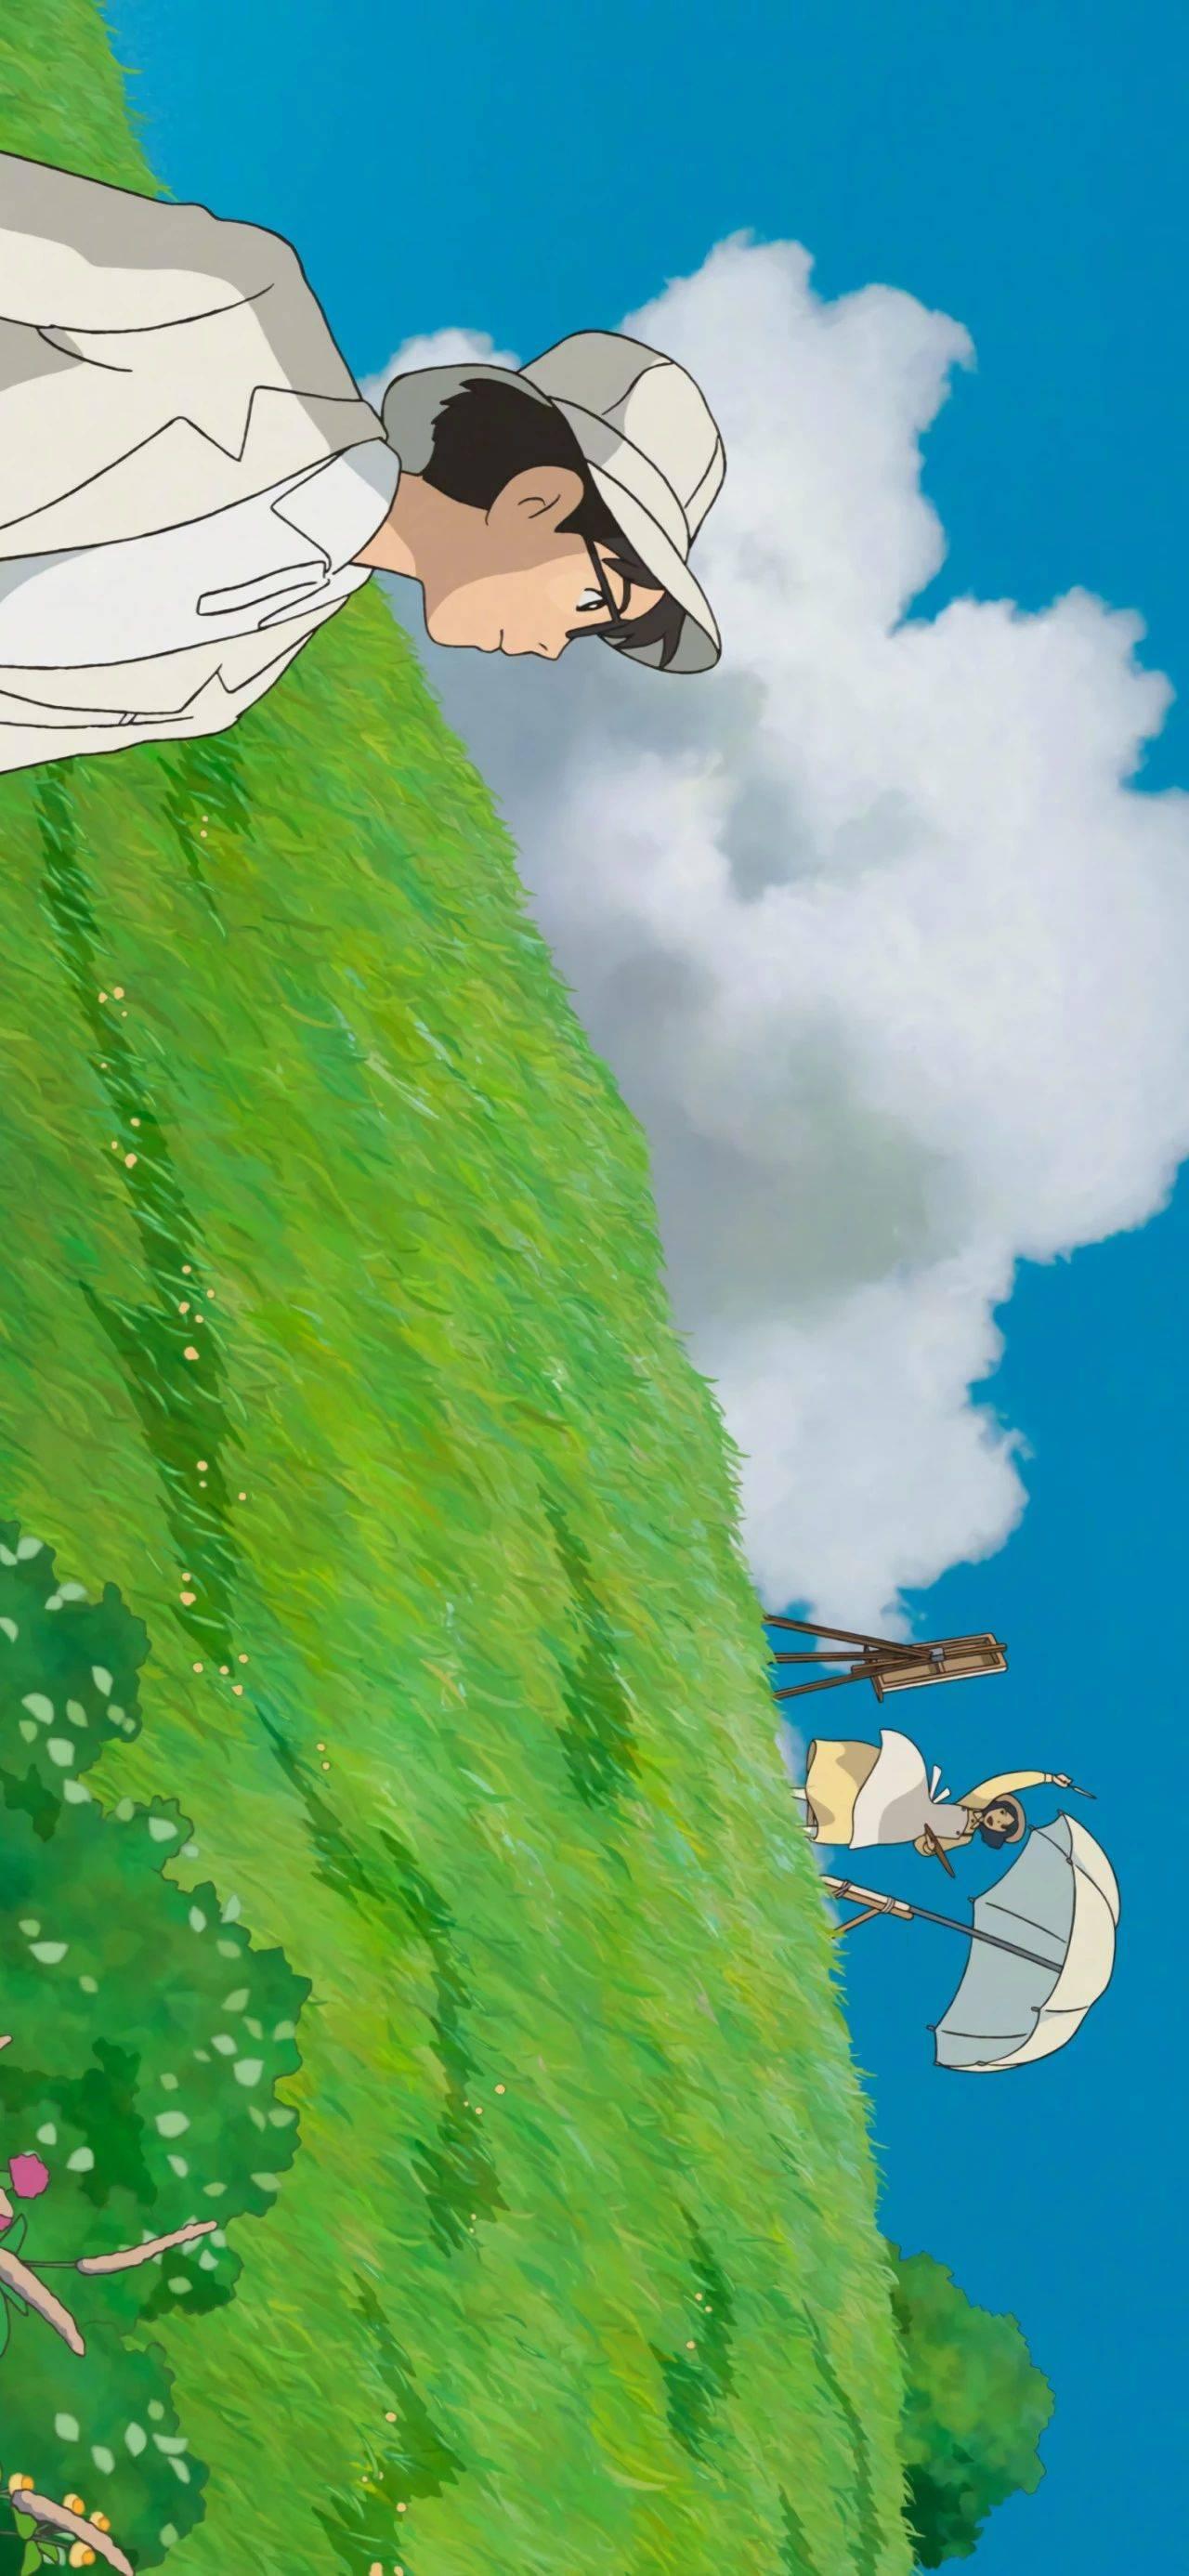 壁纸丨宫崎骏的夏天